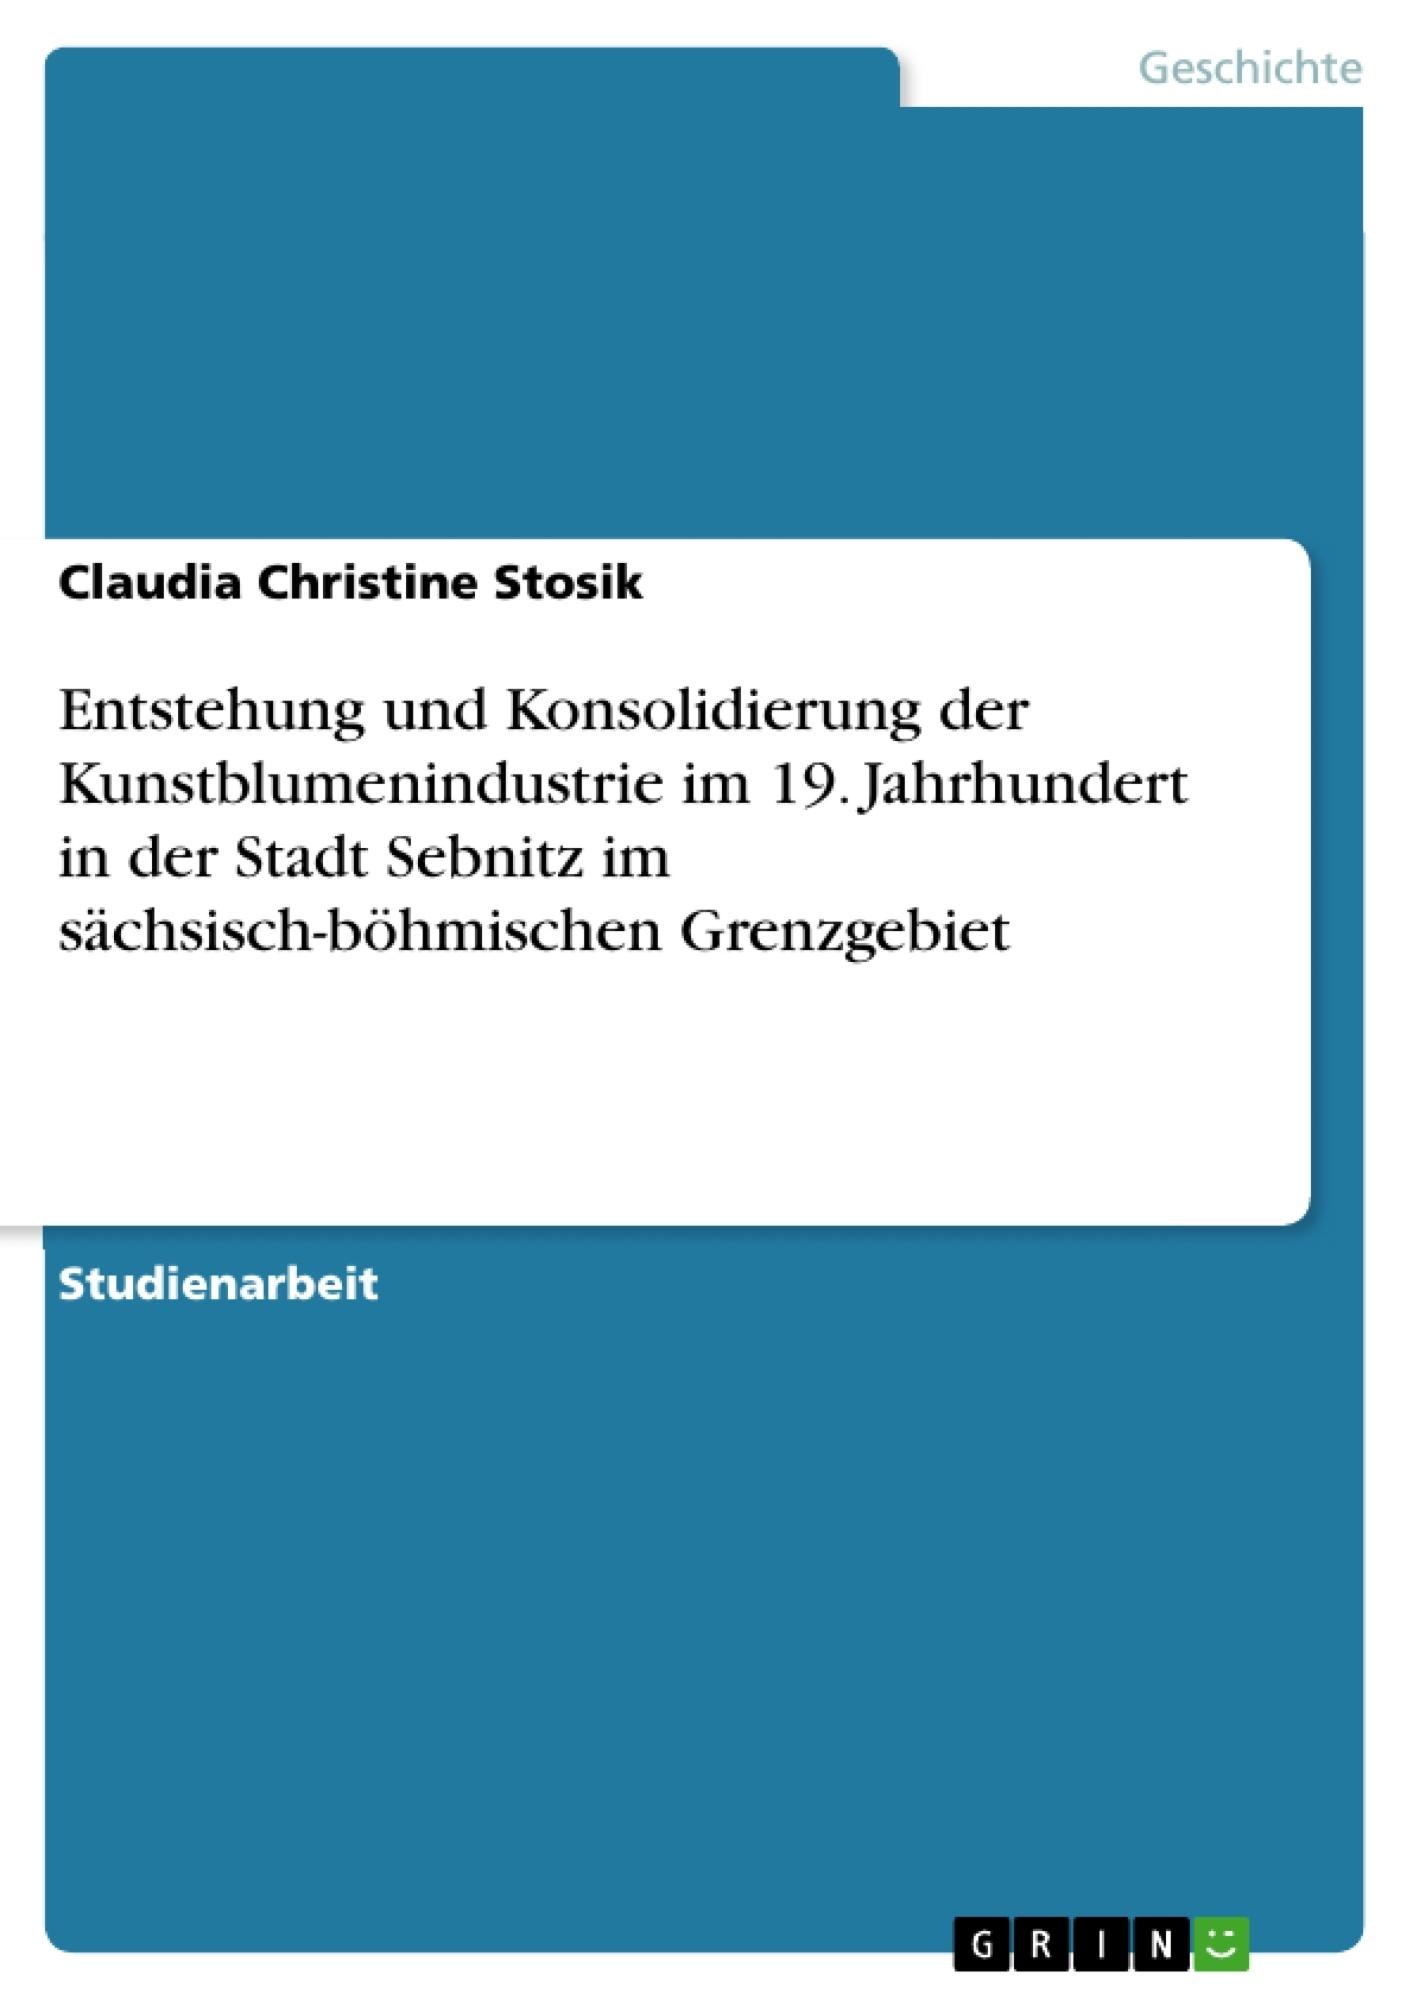 Titel: Entstehung und Konsolidierung der Kunstblumenindustrie im 19. Jahrhundert in der Stadt Sebnitz im sächsisch-böhmischen Grenzgebiet